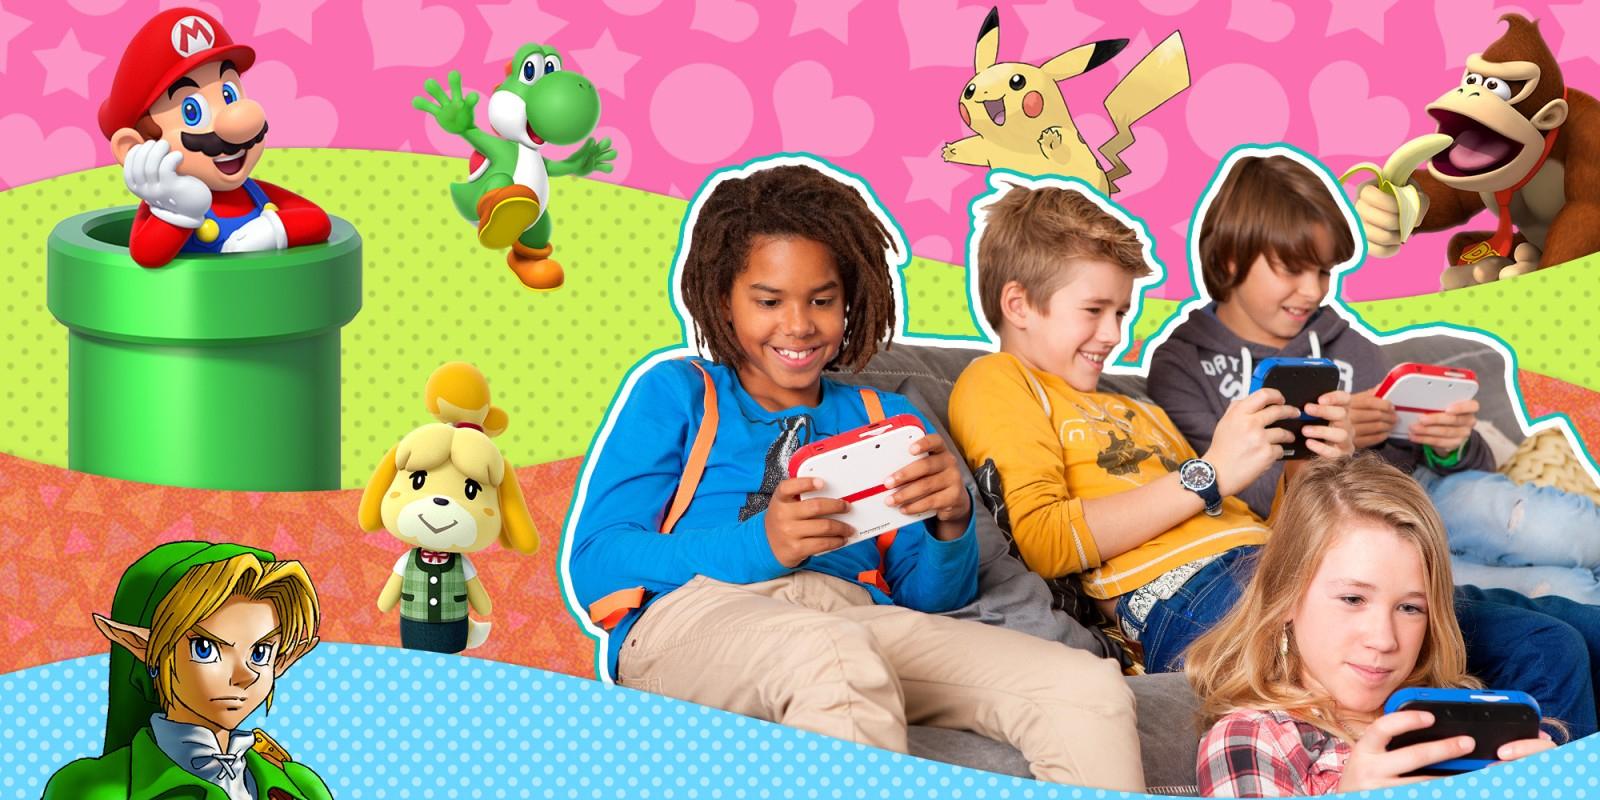 Jeux Nintendo Pour Les Enfants | Nintendo destiné Jeu Gratuit Enfant 7 Ans